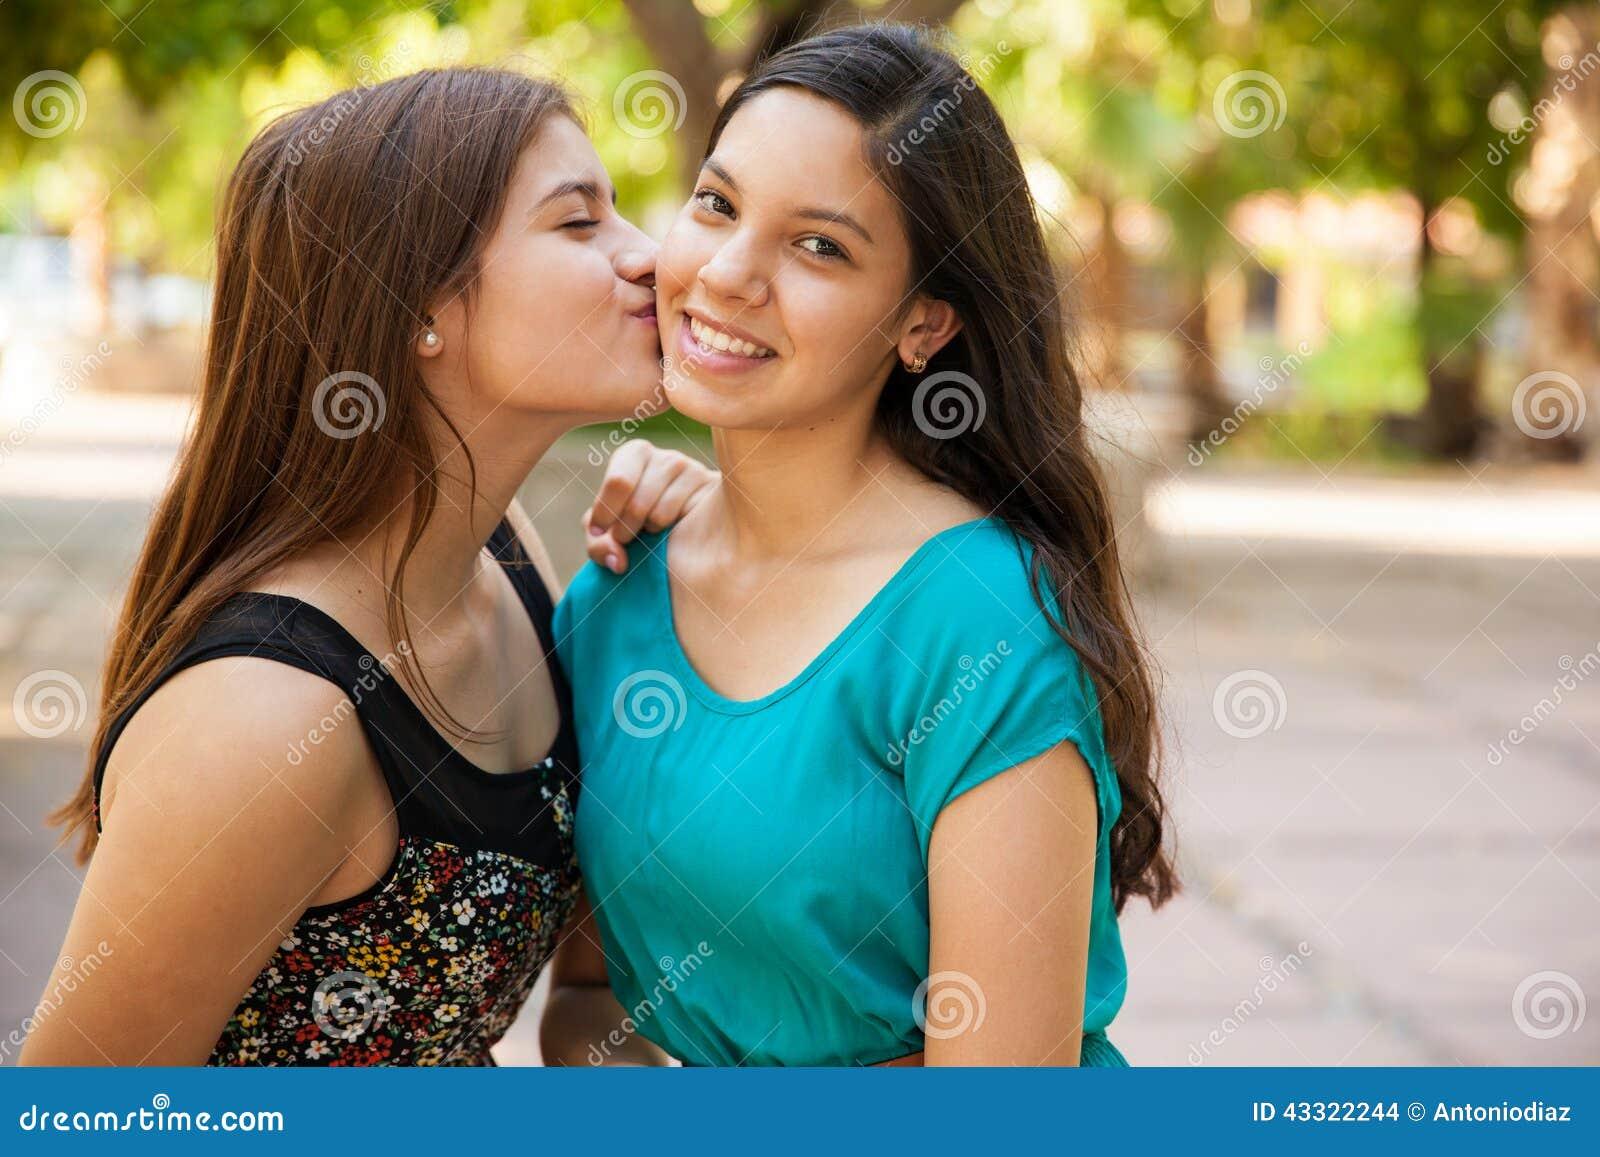 kissing a friend